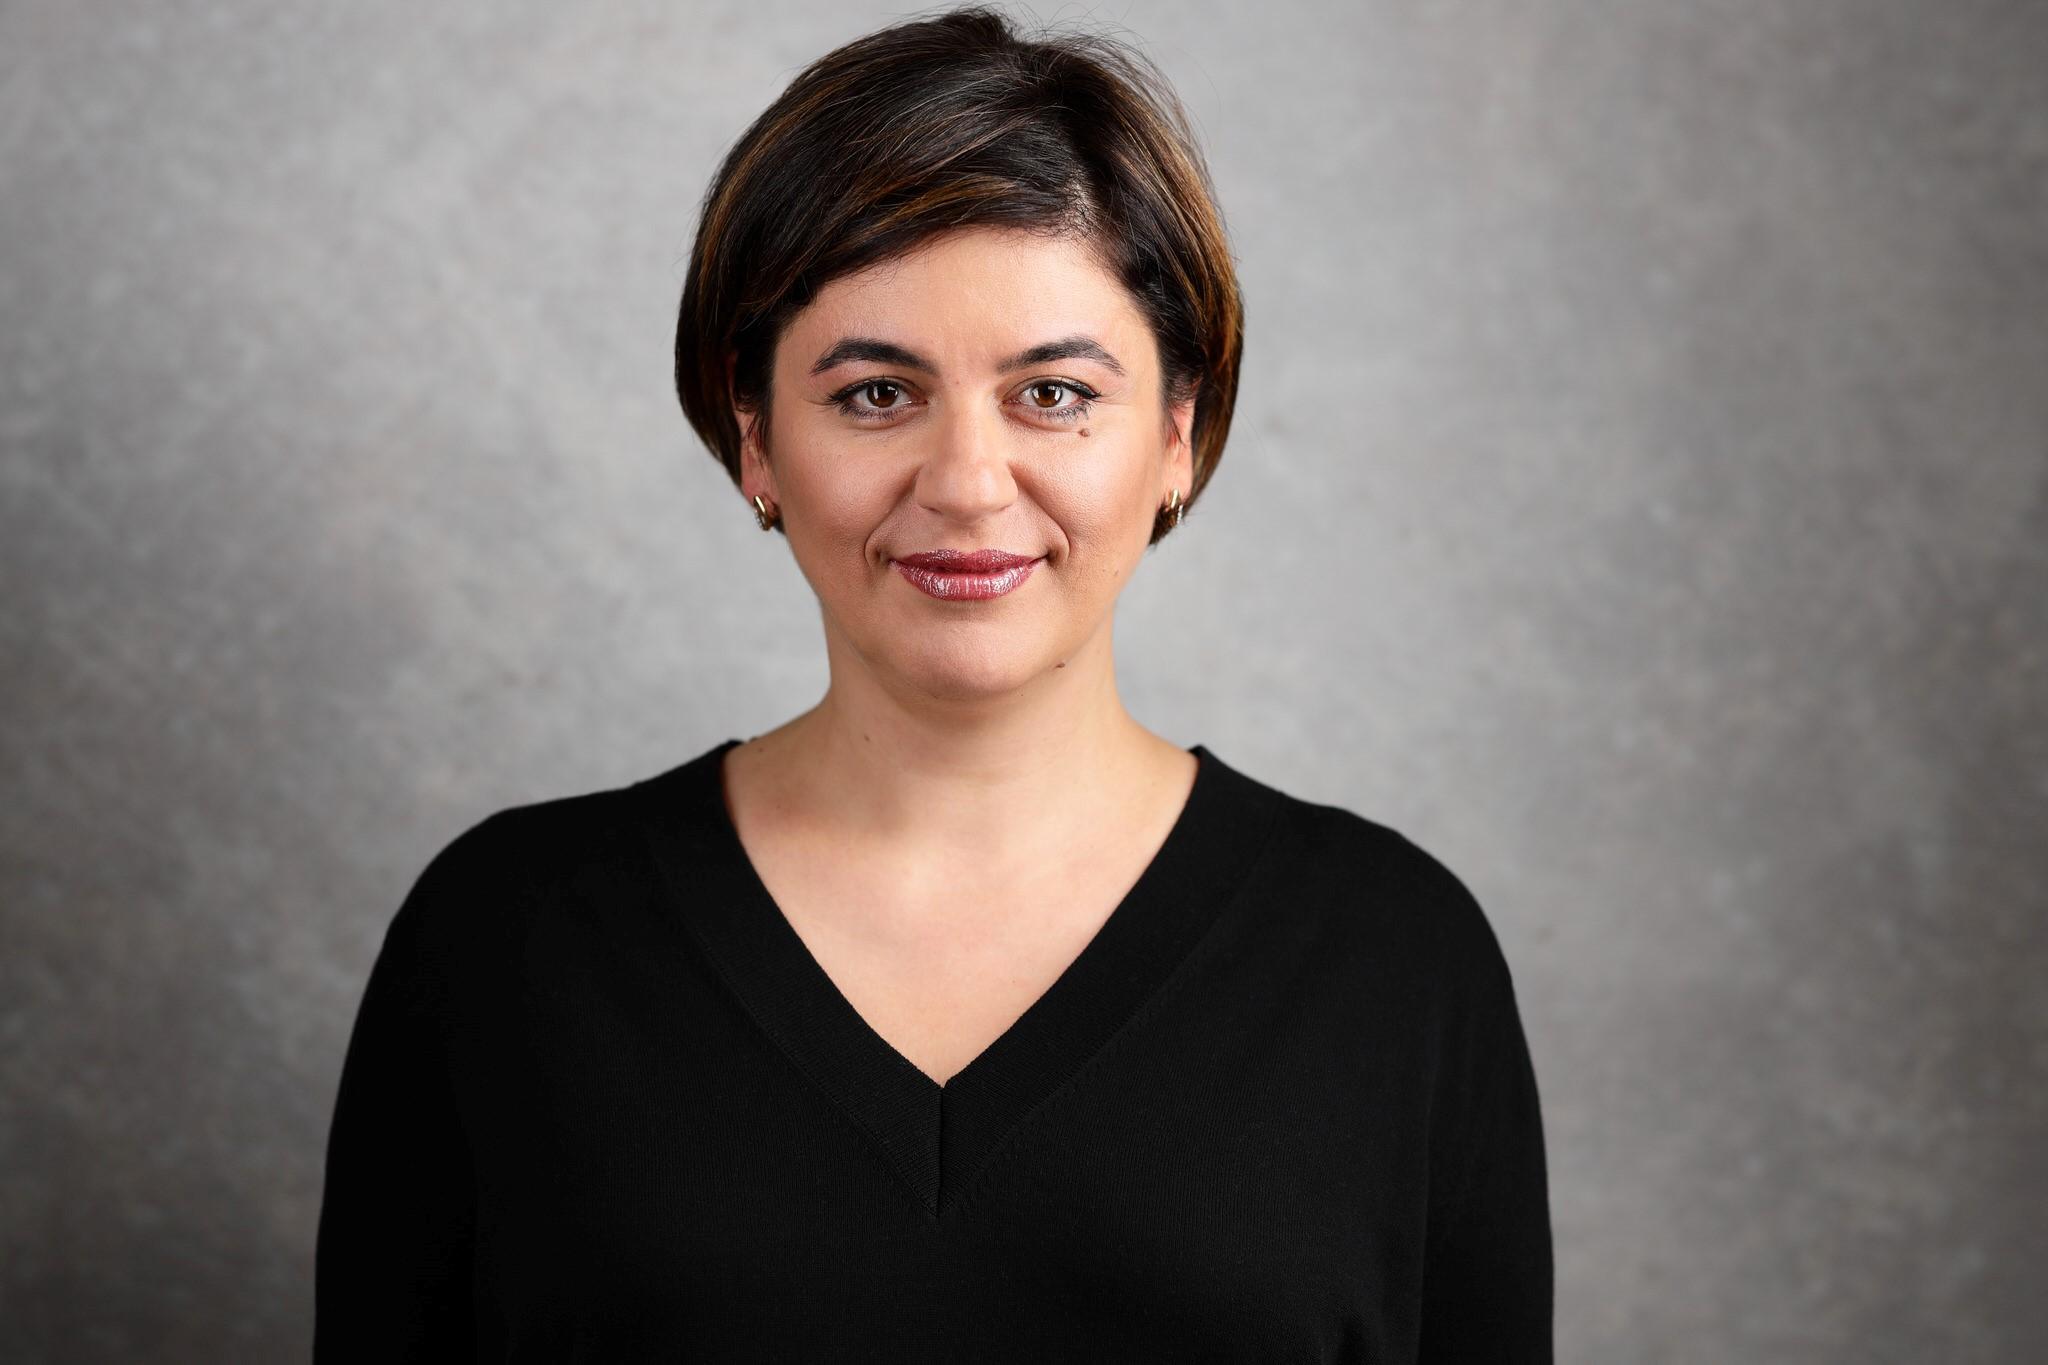 Rayna Denitsova